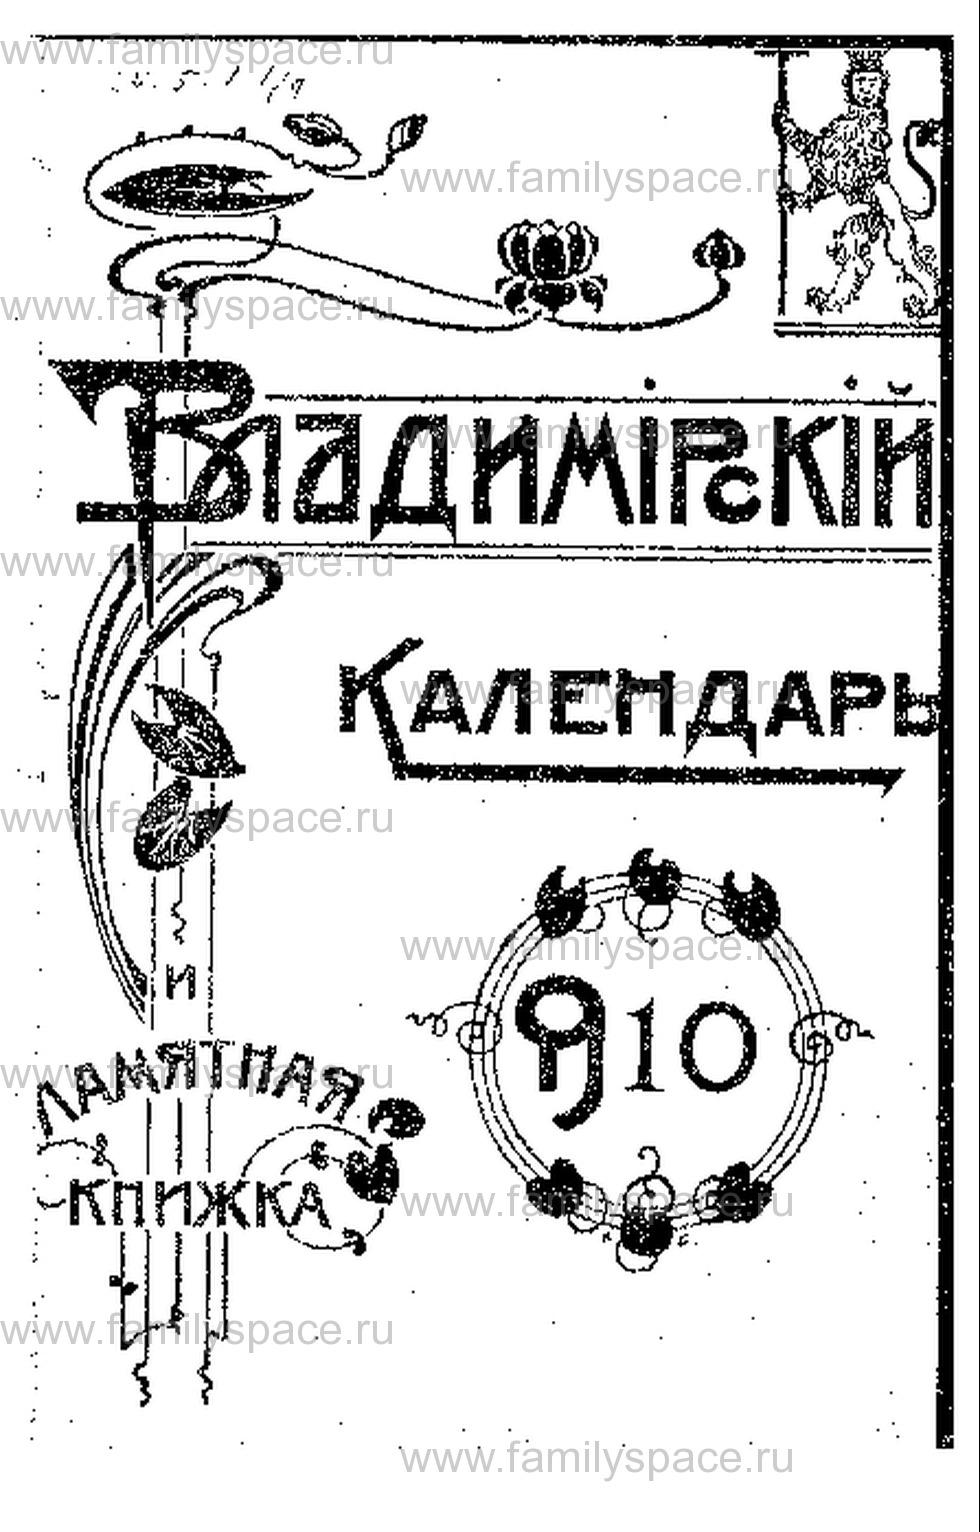 Поиск по фамилии - Владимирский календарь и памятная книжка на 1910 г, страница 1